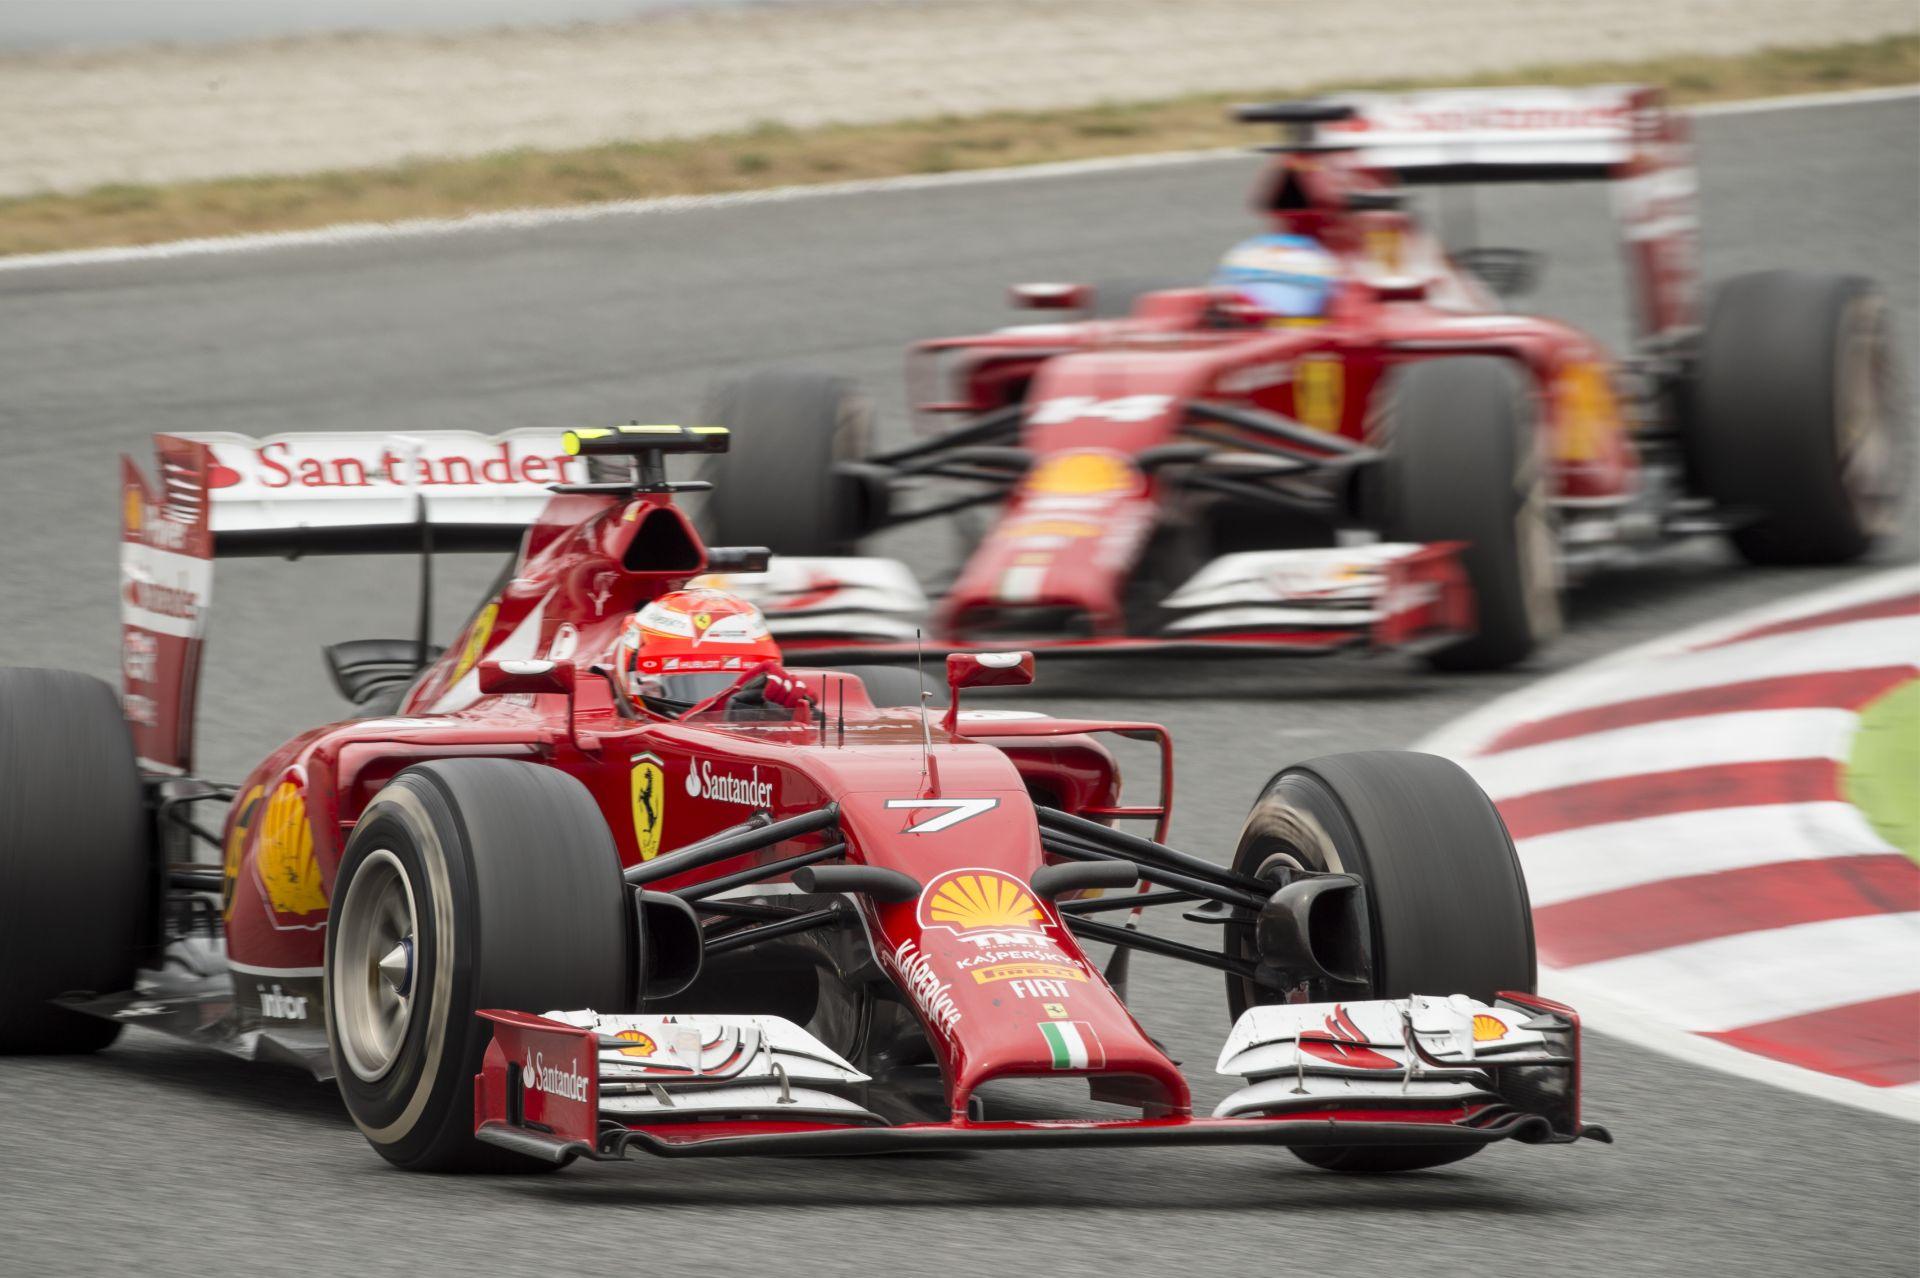 Levezető kör: A Ferrarinak valóban új versenyzőt kellene igazolnia? Inkább egy jó autó…